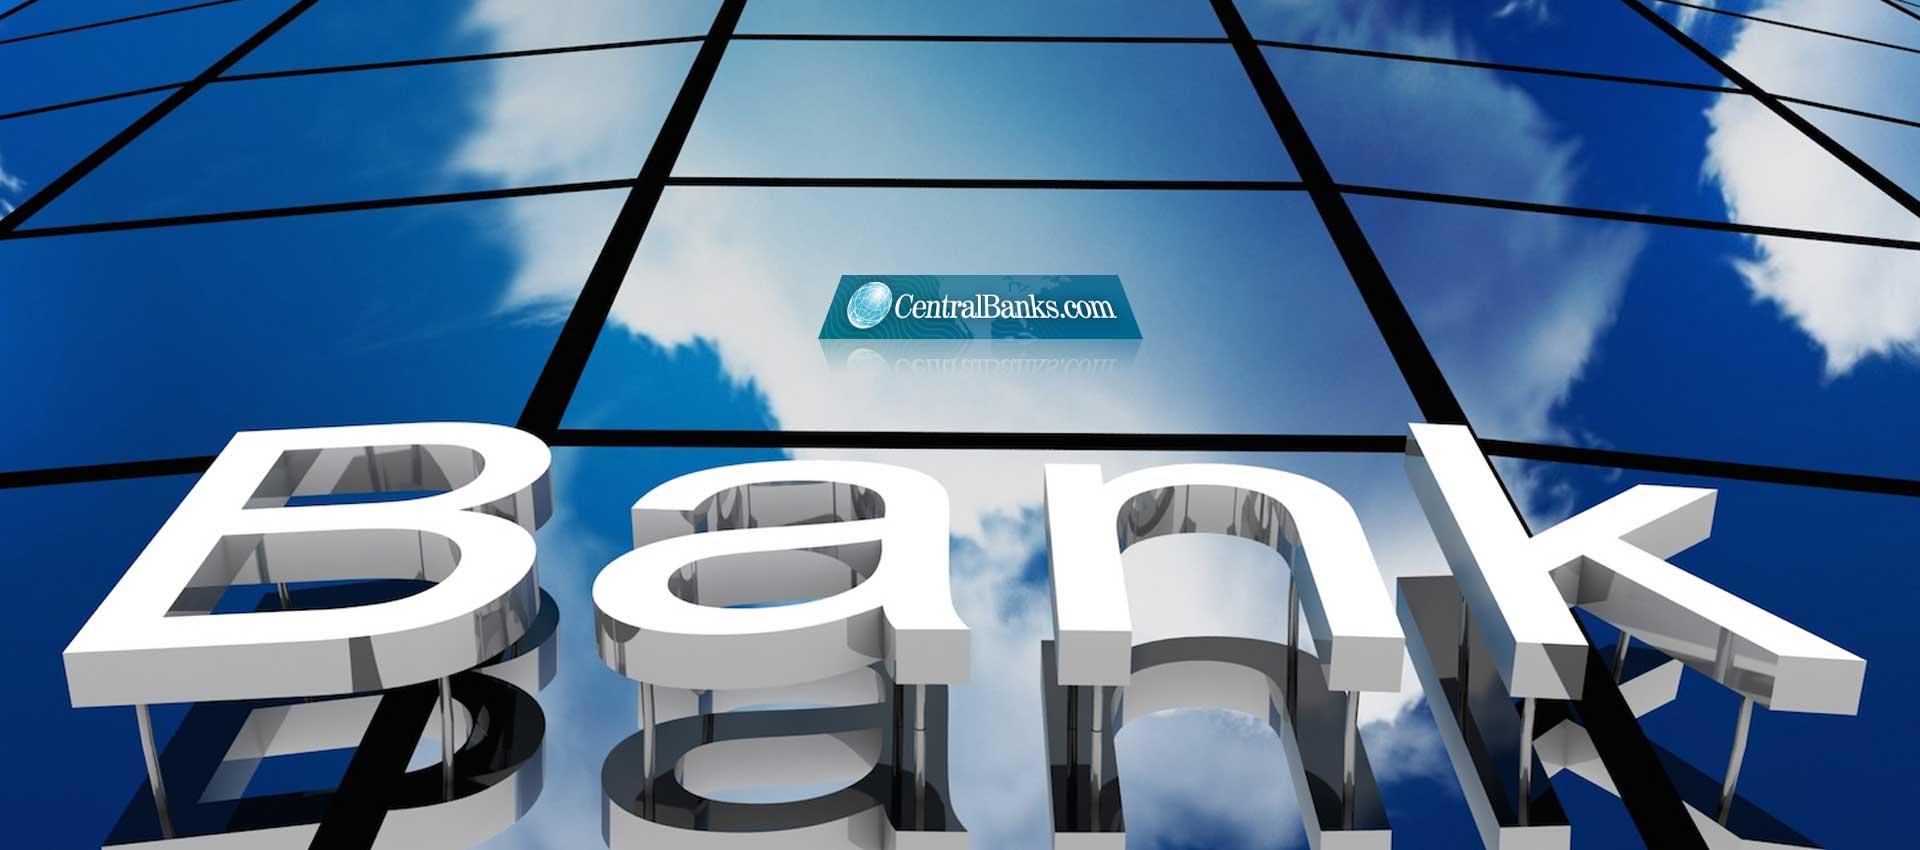 Thông tin tổng quan, khó khăn và kết quả đạt được của dự án CentralBanks.com